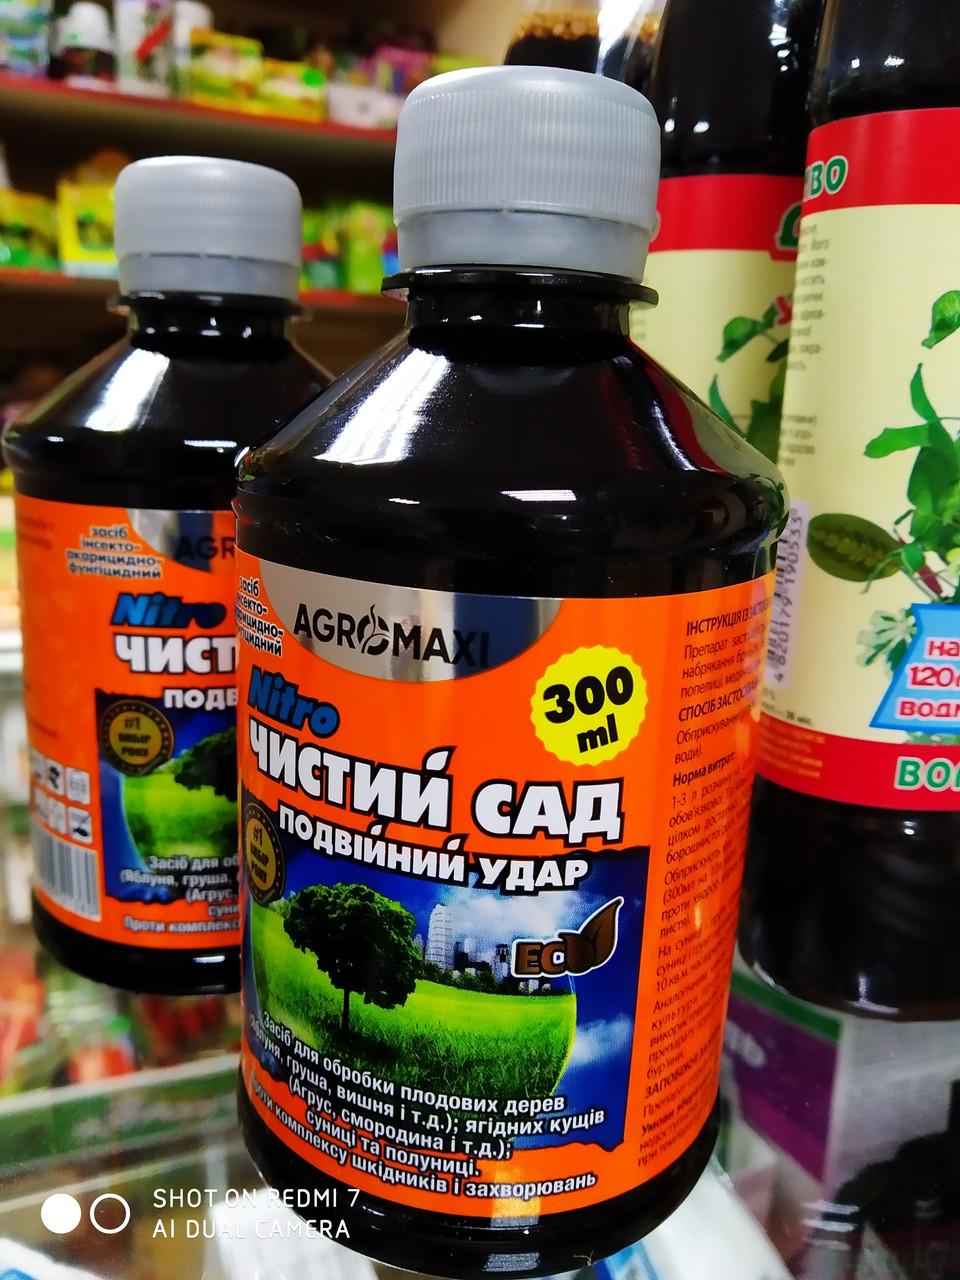 Чистий сад нітро 300 мл, фунгіцид - інсектицид для всіх плодово-ягідних культур, Україна